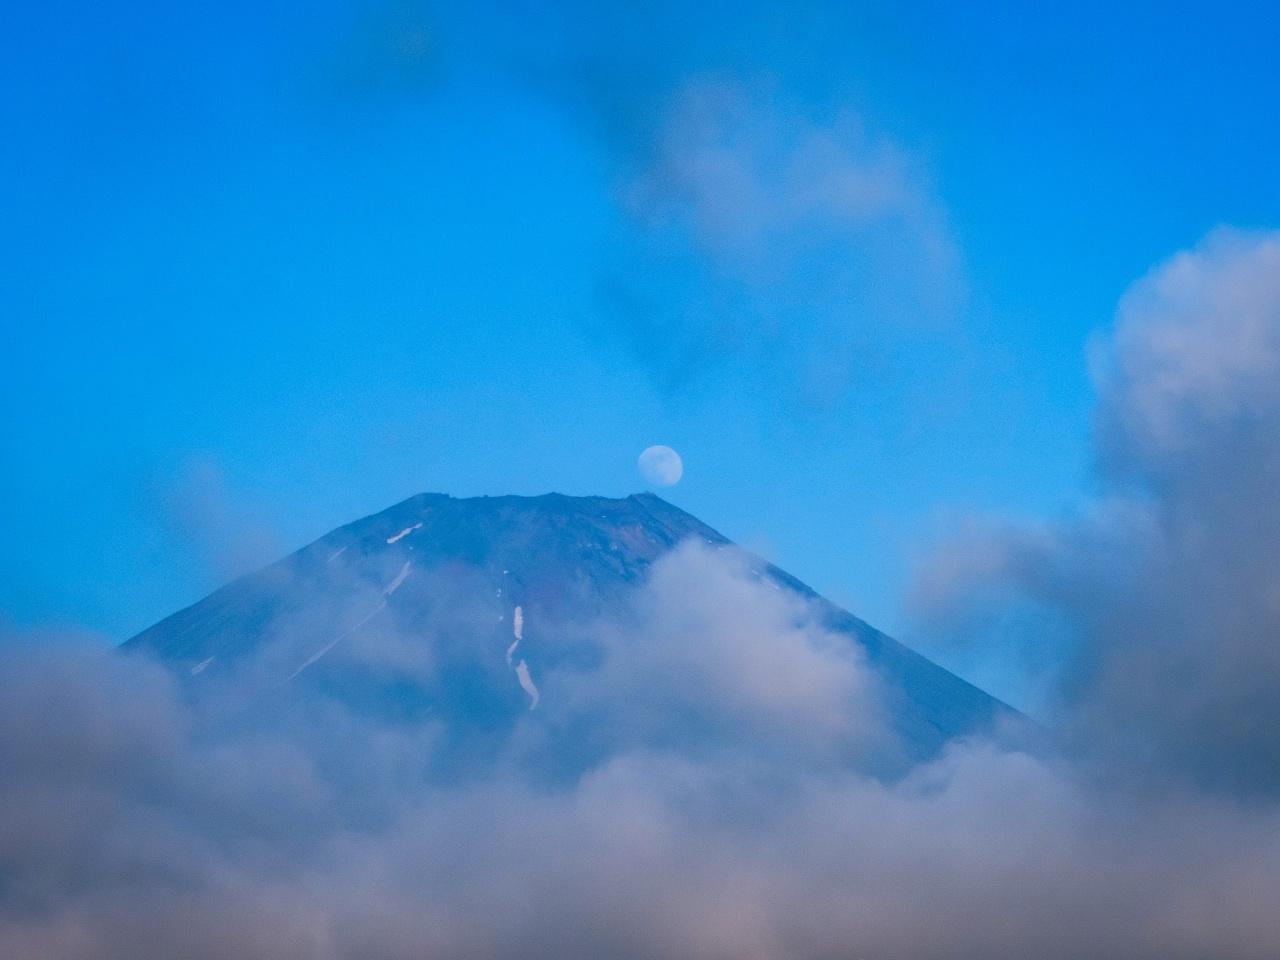 2020.7.2梅雨の晴れ間のパール富士(朝霧高原)_e0321032_19212438.jpg